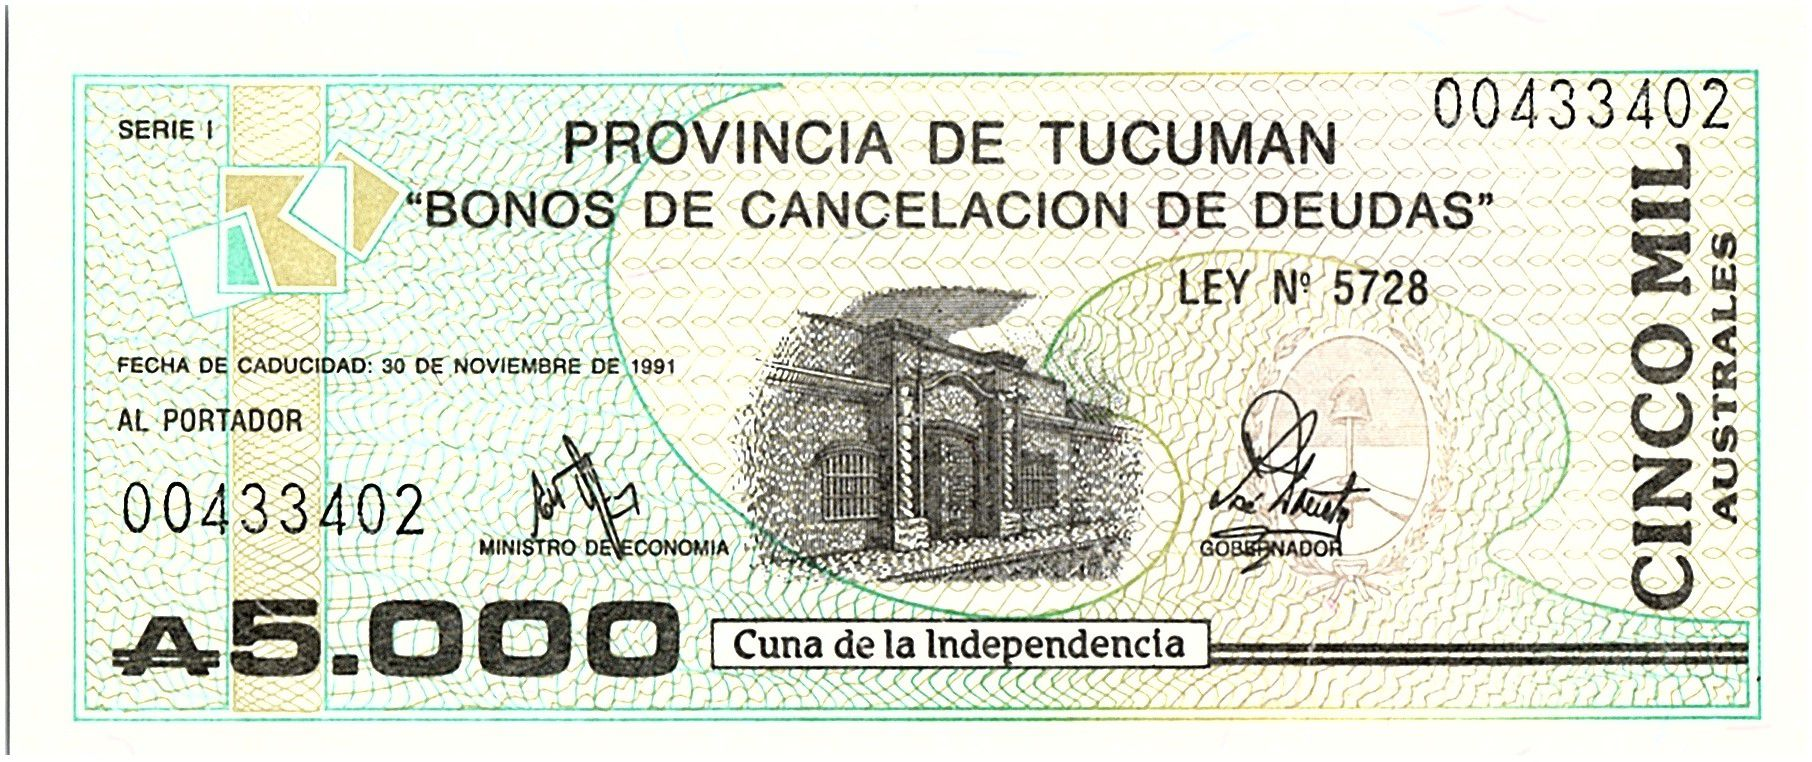 Argentine 5000 Australes , Province de Tucuman - 1991